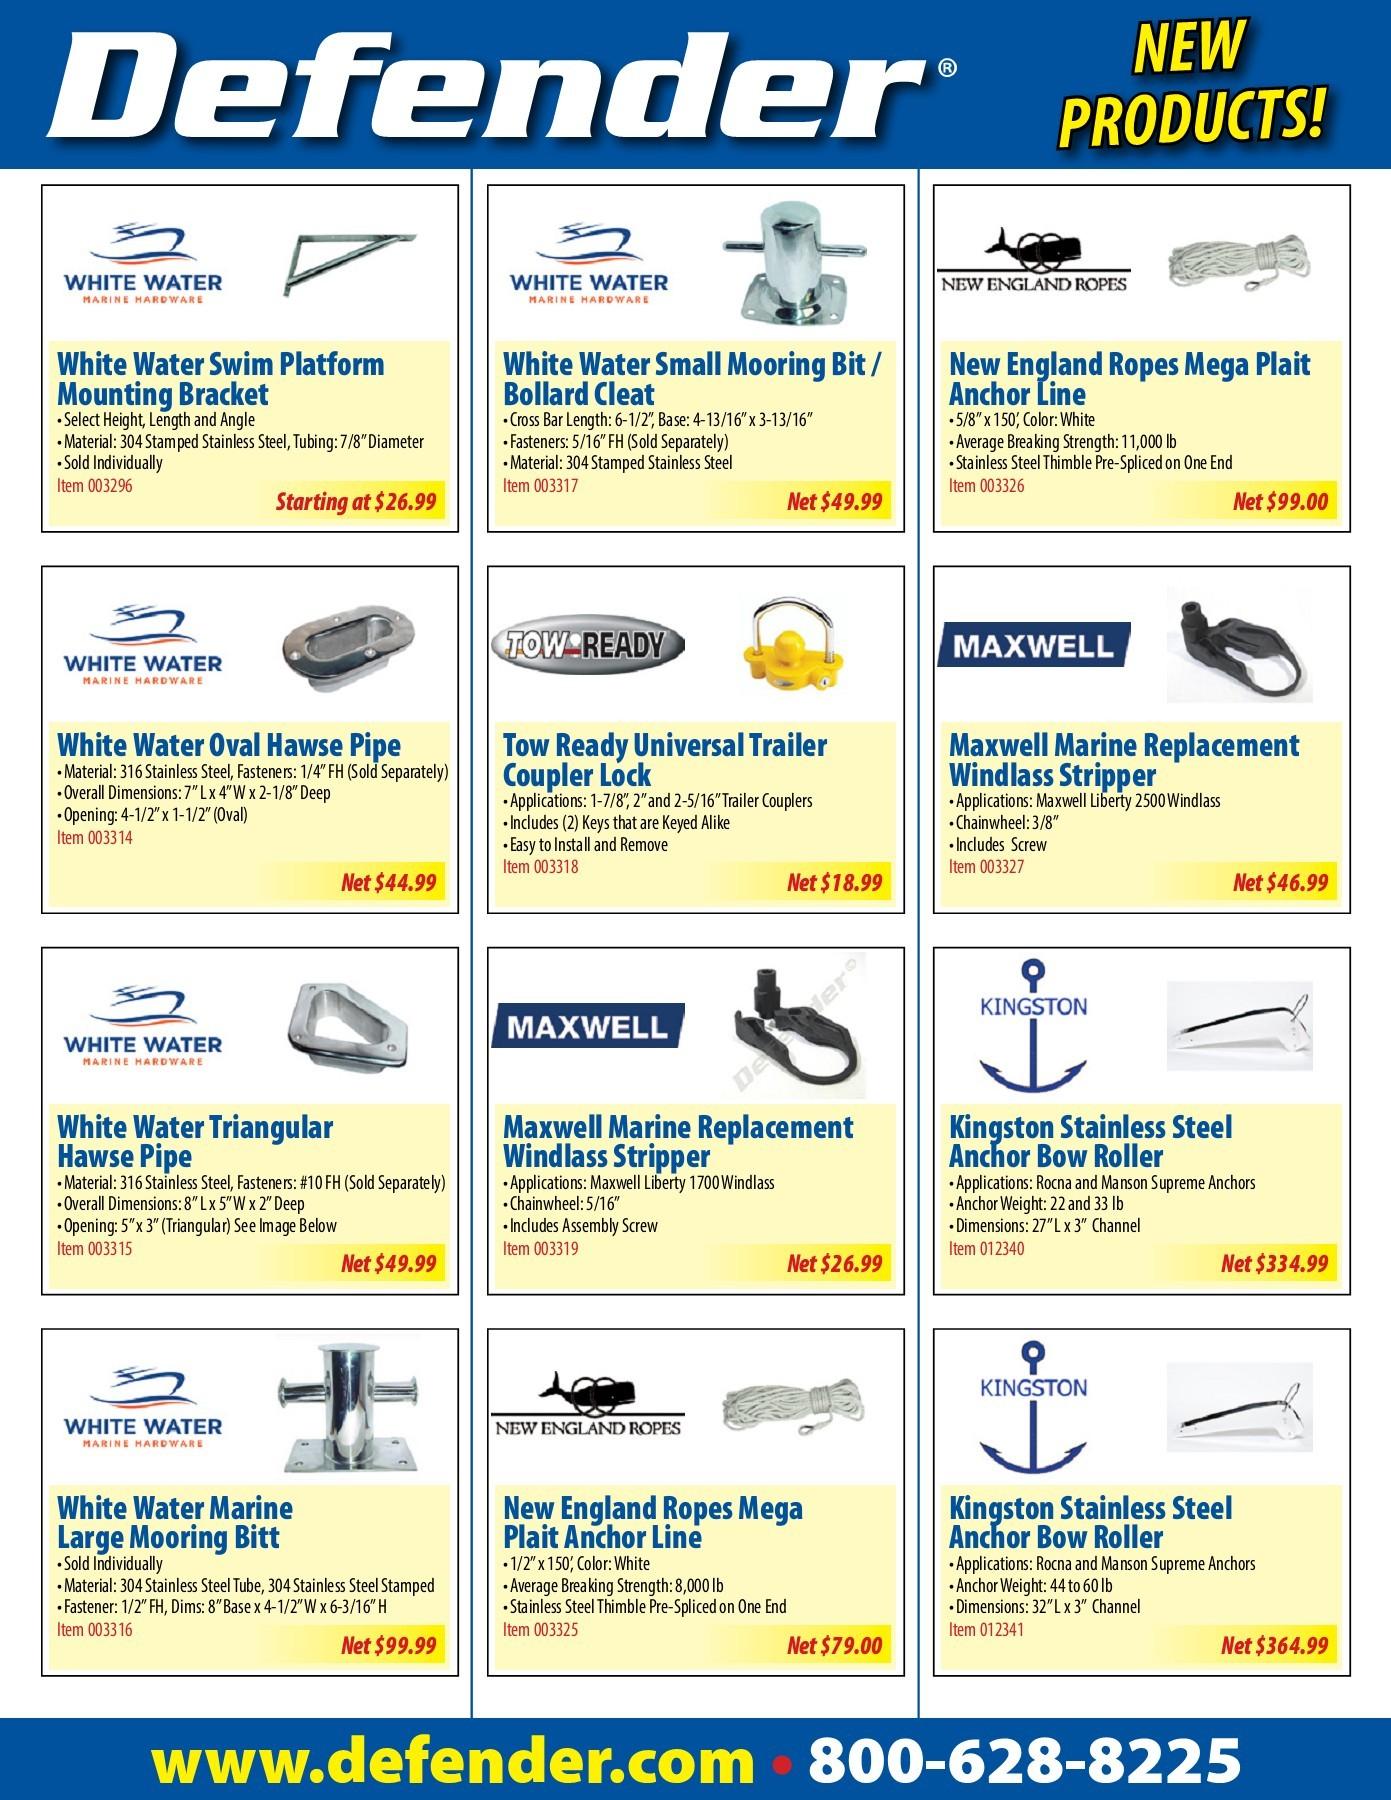 Blue Wire On Garmin Striker 4 Catalog Addendum 2017 Pages 1 22 Text Version Of Blue Wire On Garmin Striker 4